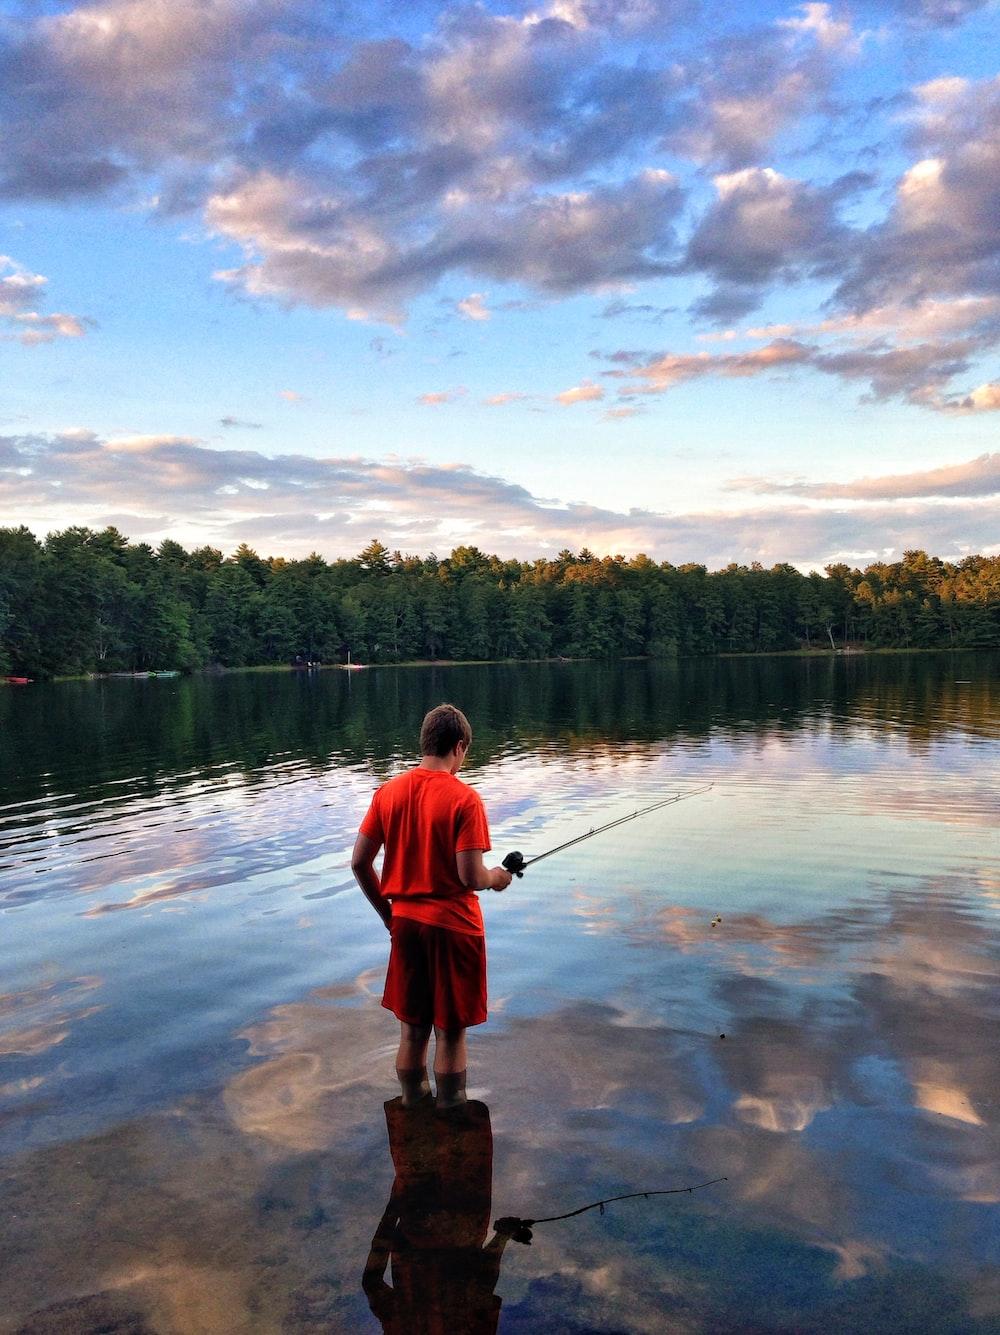 man in red shirt fishing on lake during daytime